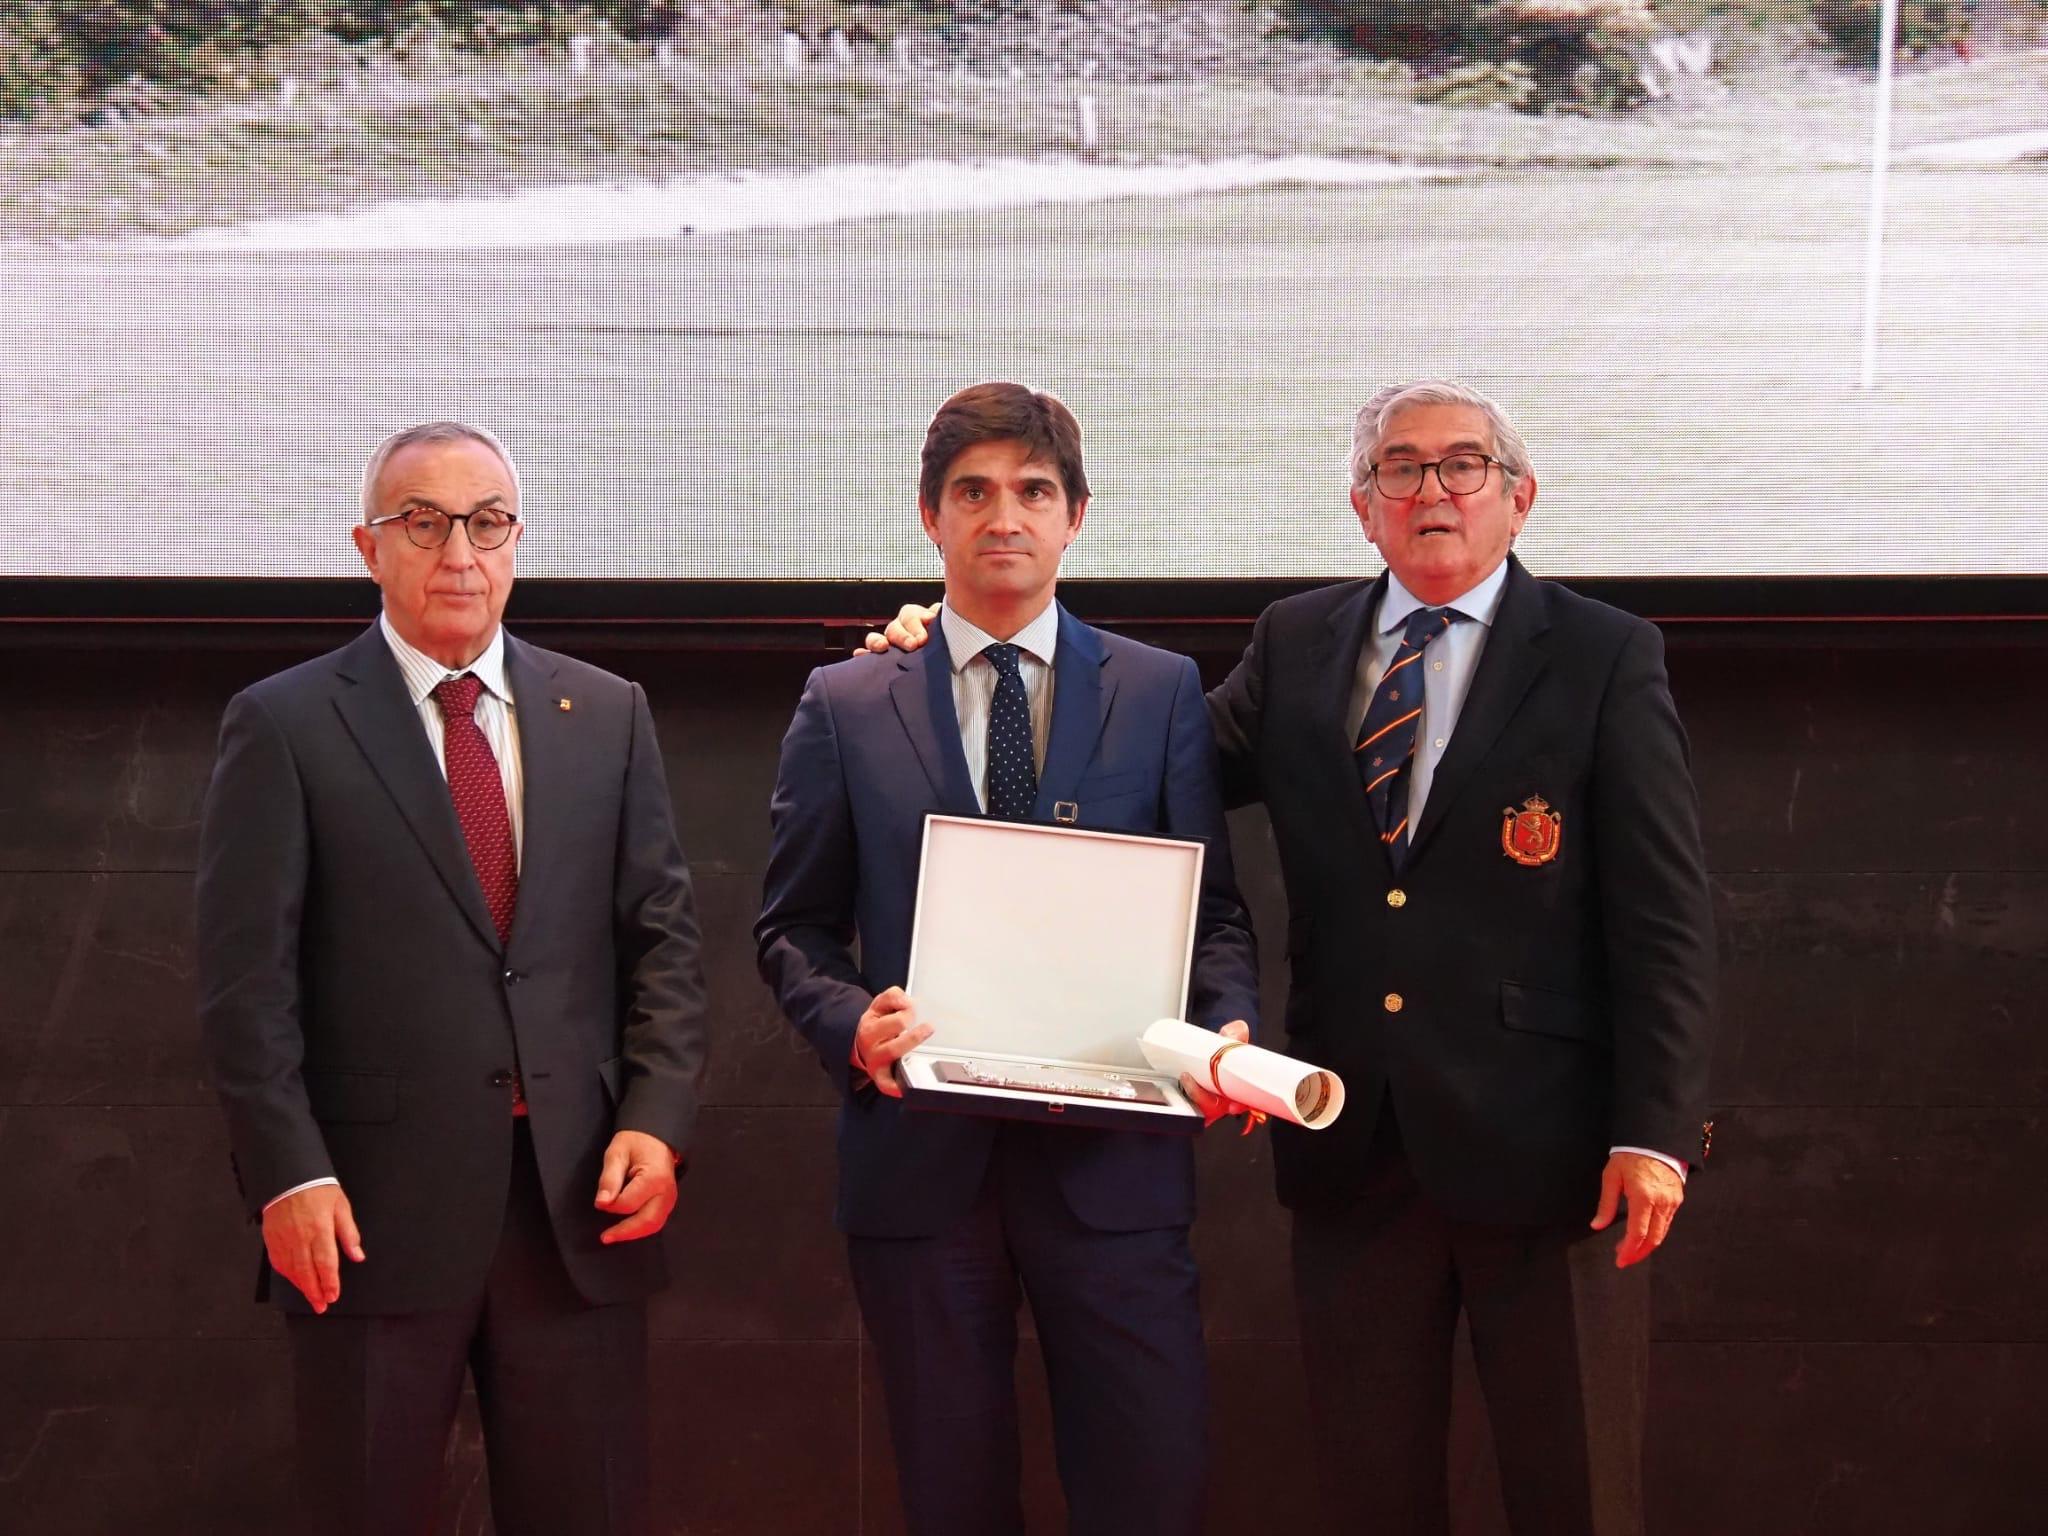 Gala RFEG 2019, R.N.C.G.S.S. Basozabal recibe la Placa al Mérito en el Golf